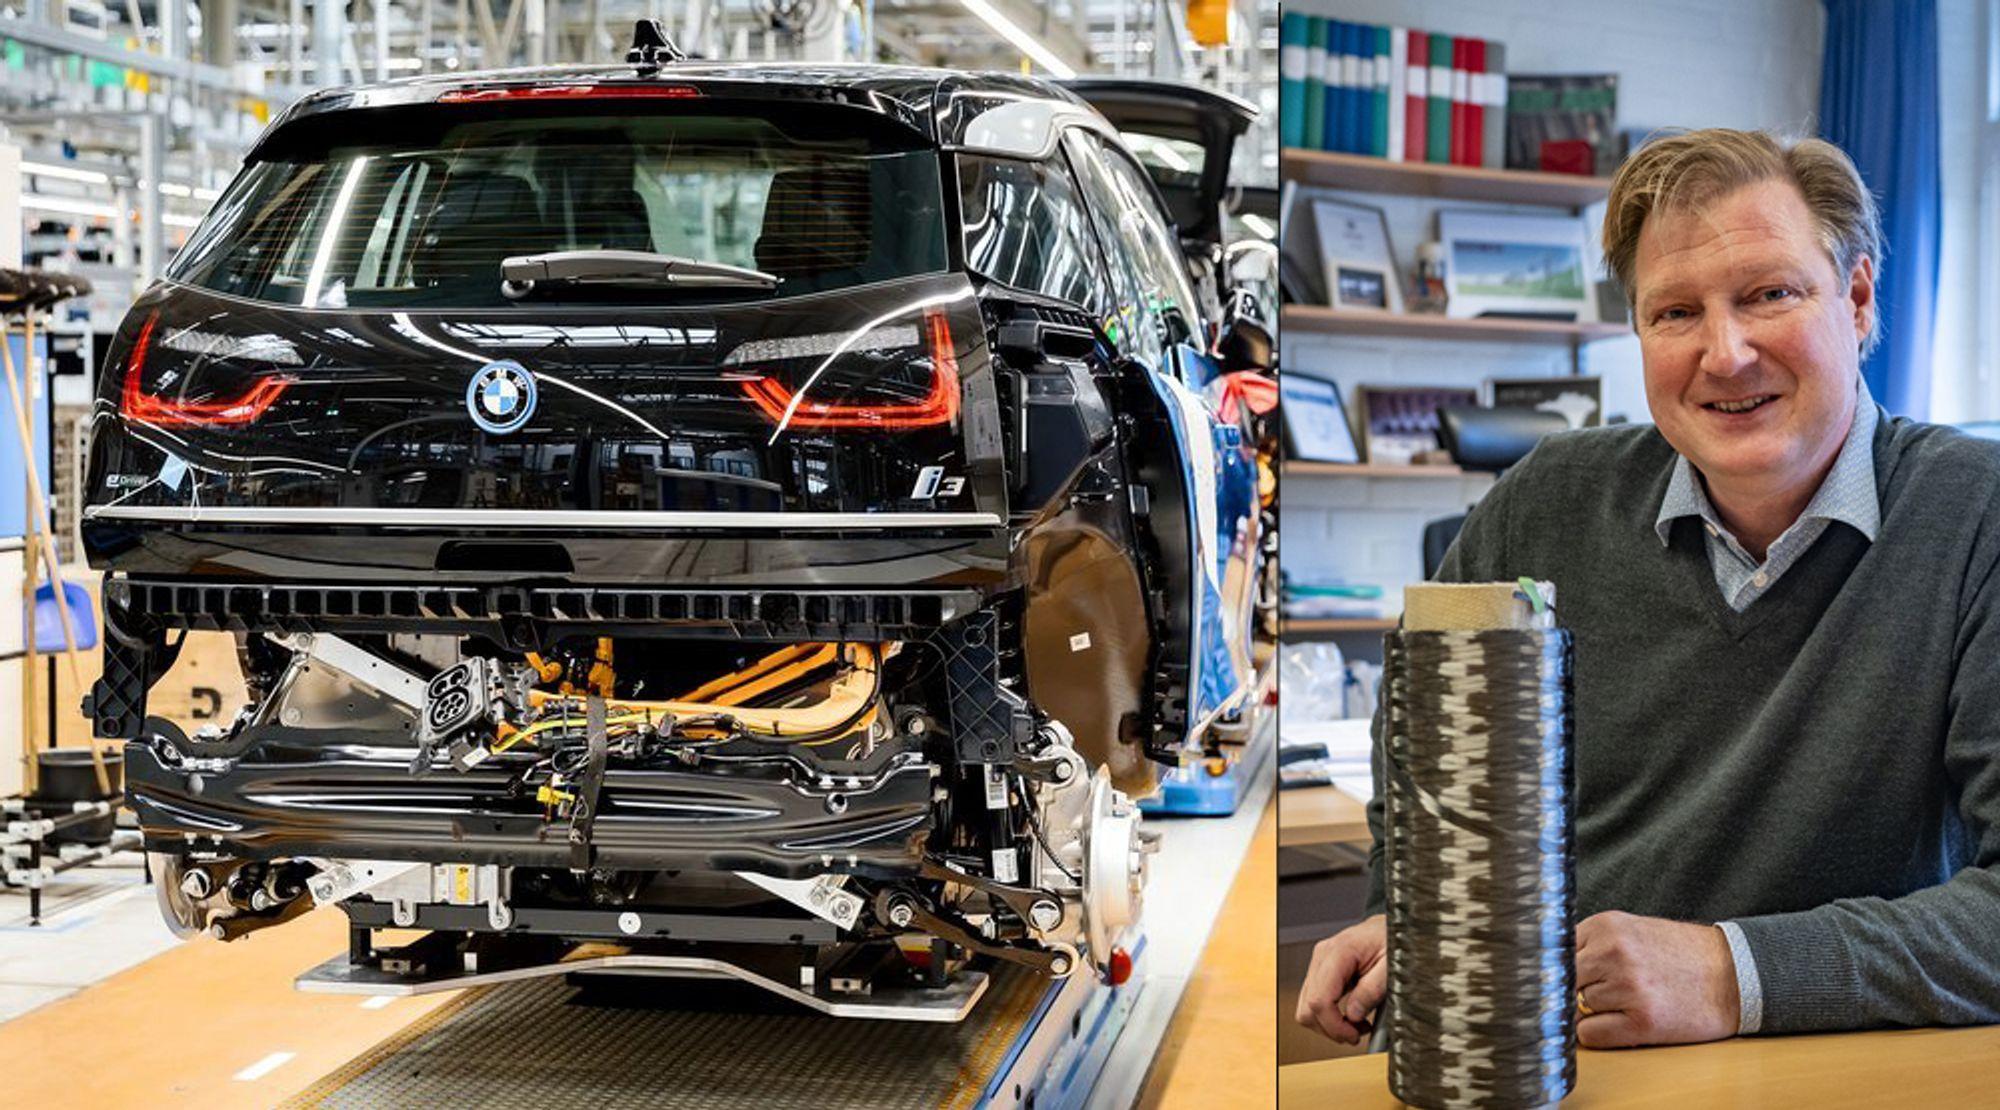 Tenker helt nytt: Professor ved avdeling for material- og beregningsmekanikk ved Chalmers i Göteborg, Leif Asp har tenkt helt nytt rundt måten vi bygger kjøretøyer. Til venstre henger en BMW i3 under produksjon.